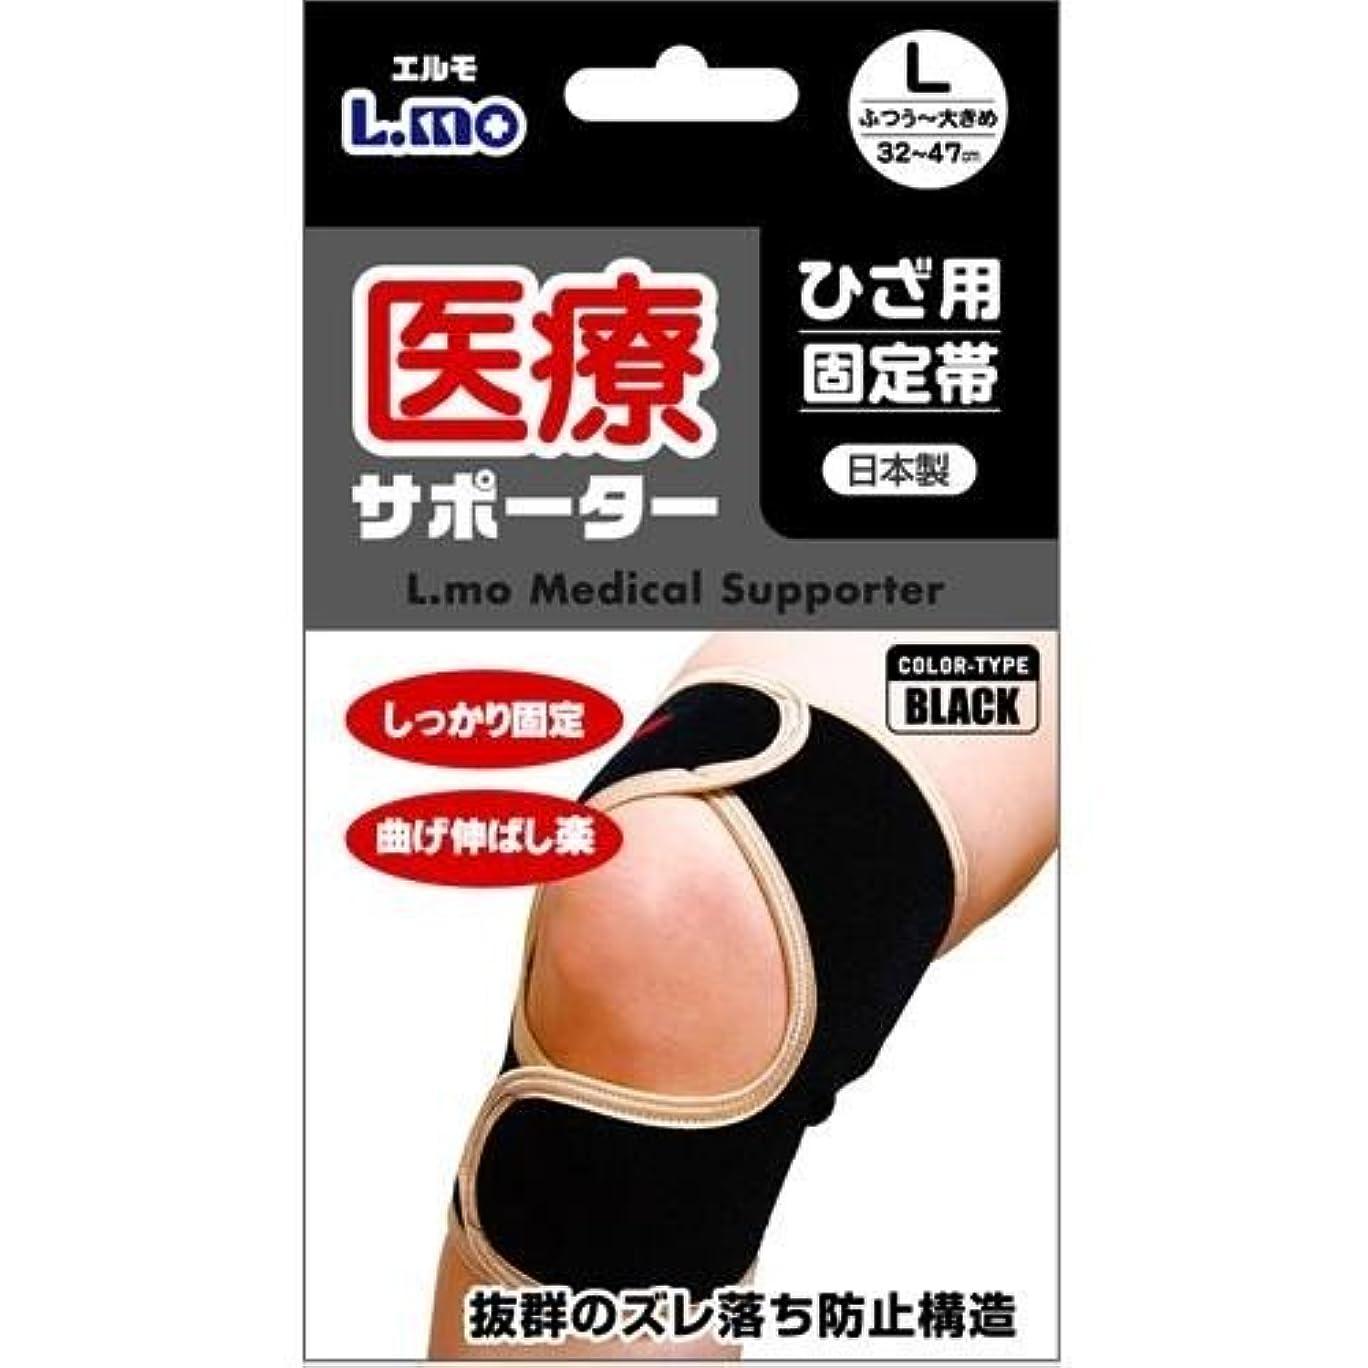 日焼け宣言するラリーベルモントエルモ医療サポーター ひざ用固定帯 ブラック ■2種類の内「Lサイズ?786493」を1点のみです